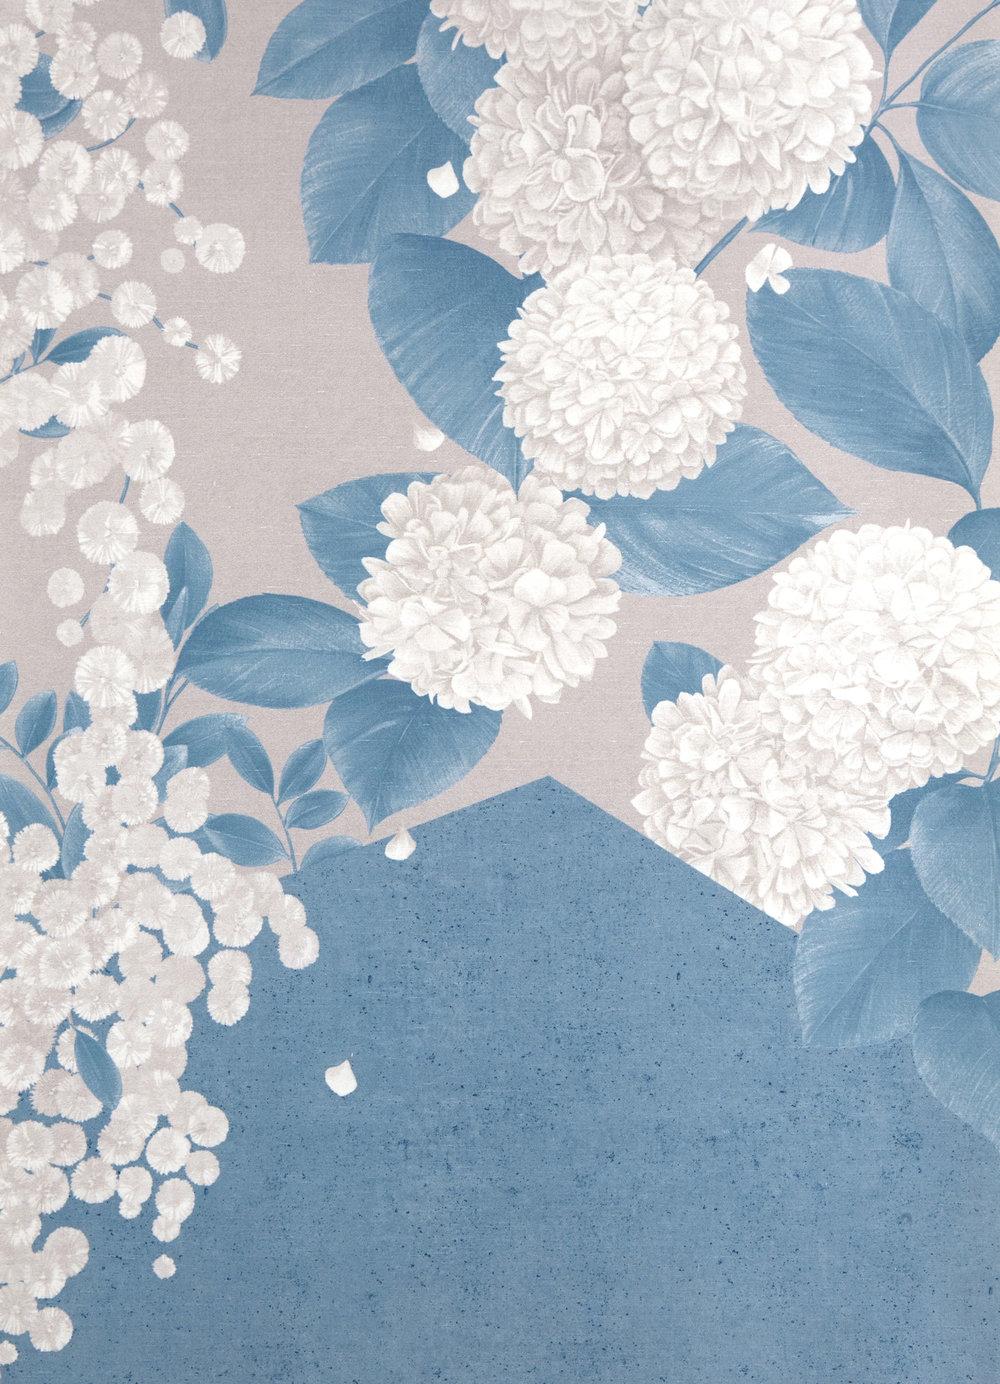 SOTATSU SPRING - PORCELAIN BLUE - SR1801.03